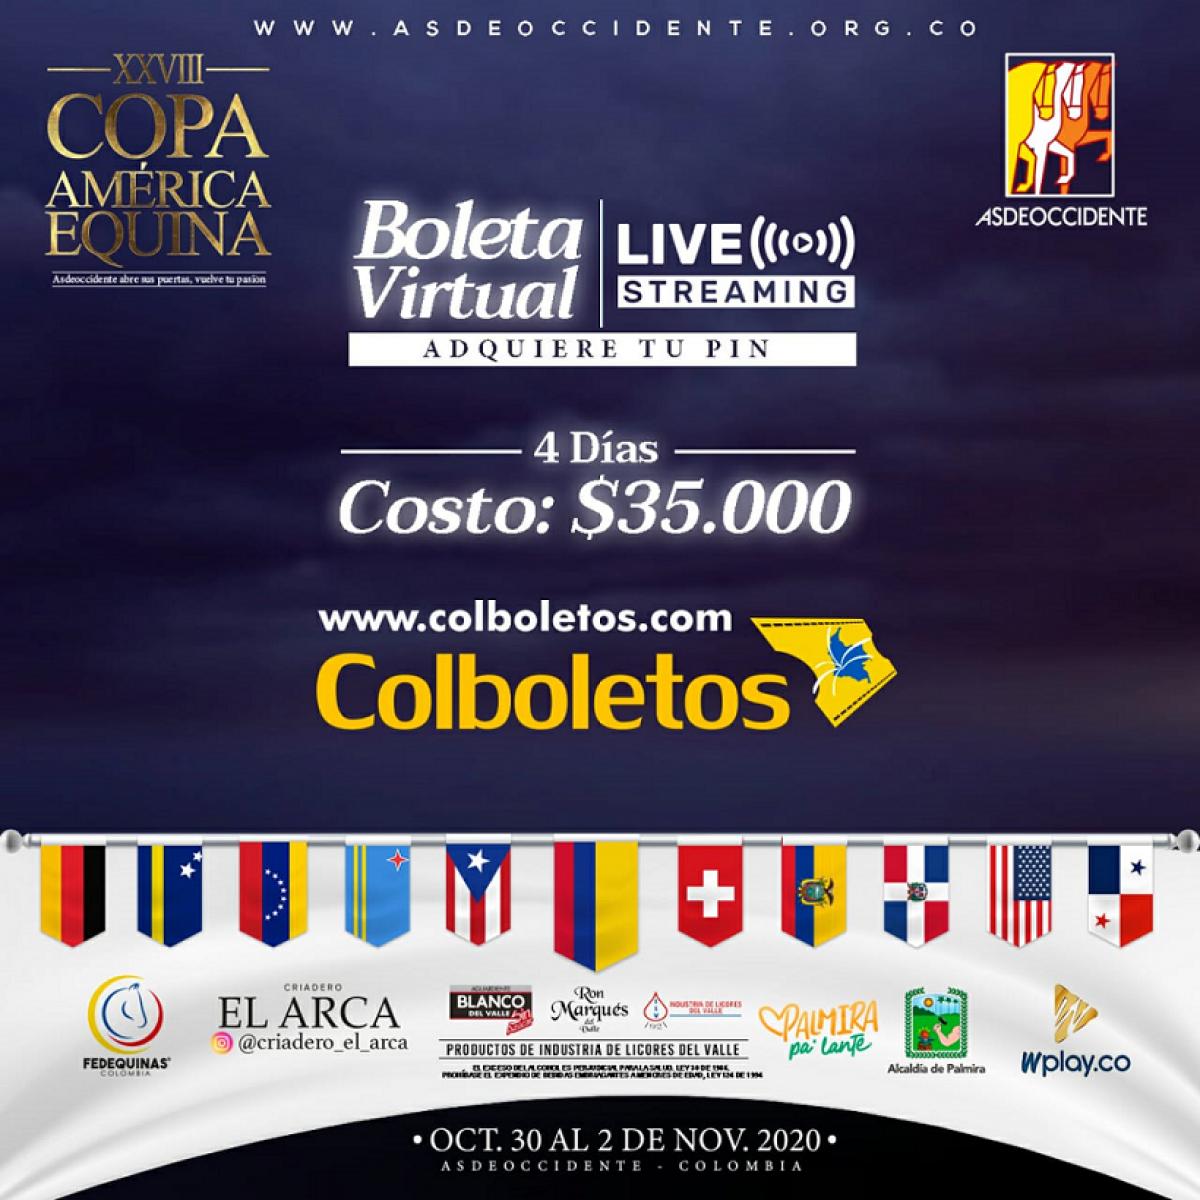 XXVIII Copa América Equina del 30 de octubre al 2 de noviembre de 2020.